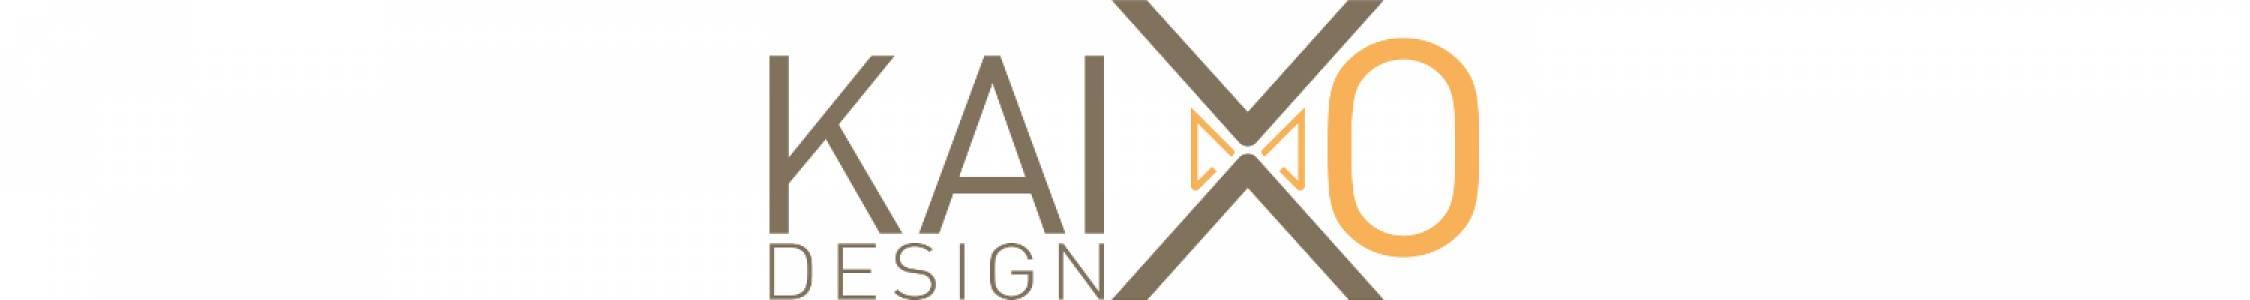 KaiXO Design auf kasuwa.de